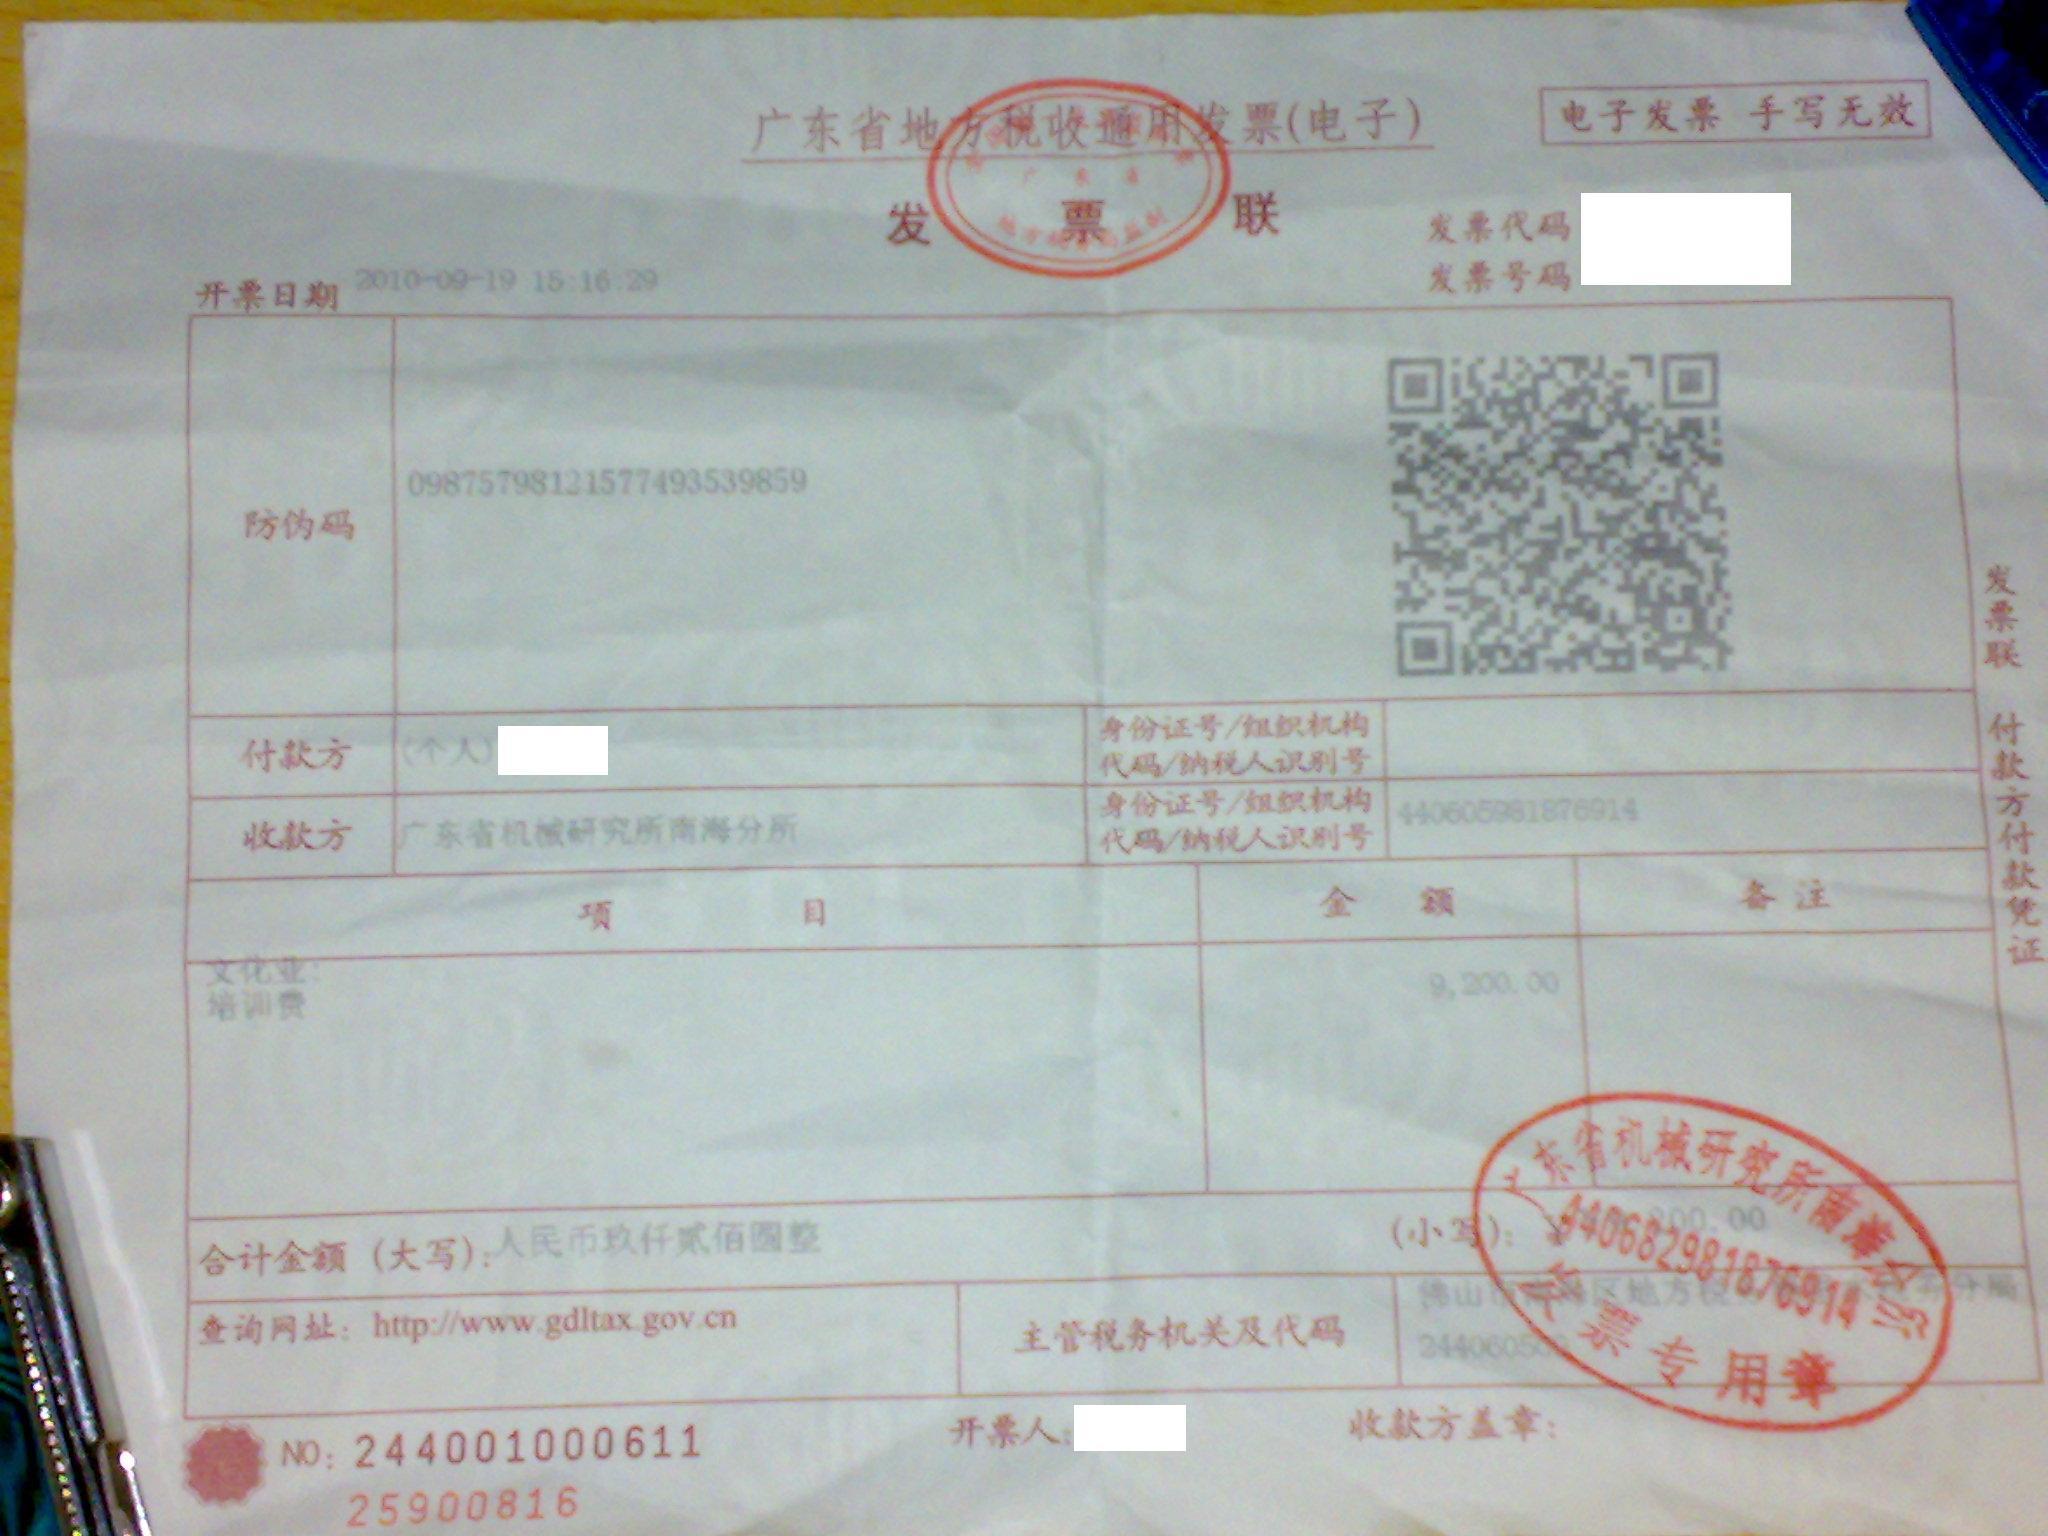 税务局代开国税通用机打发票怎么查询